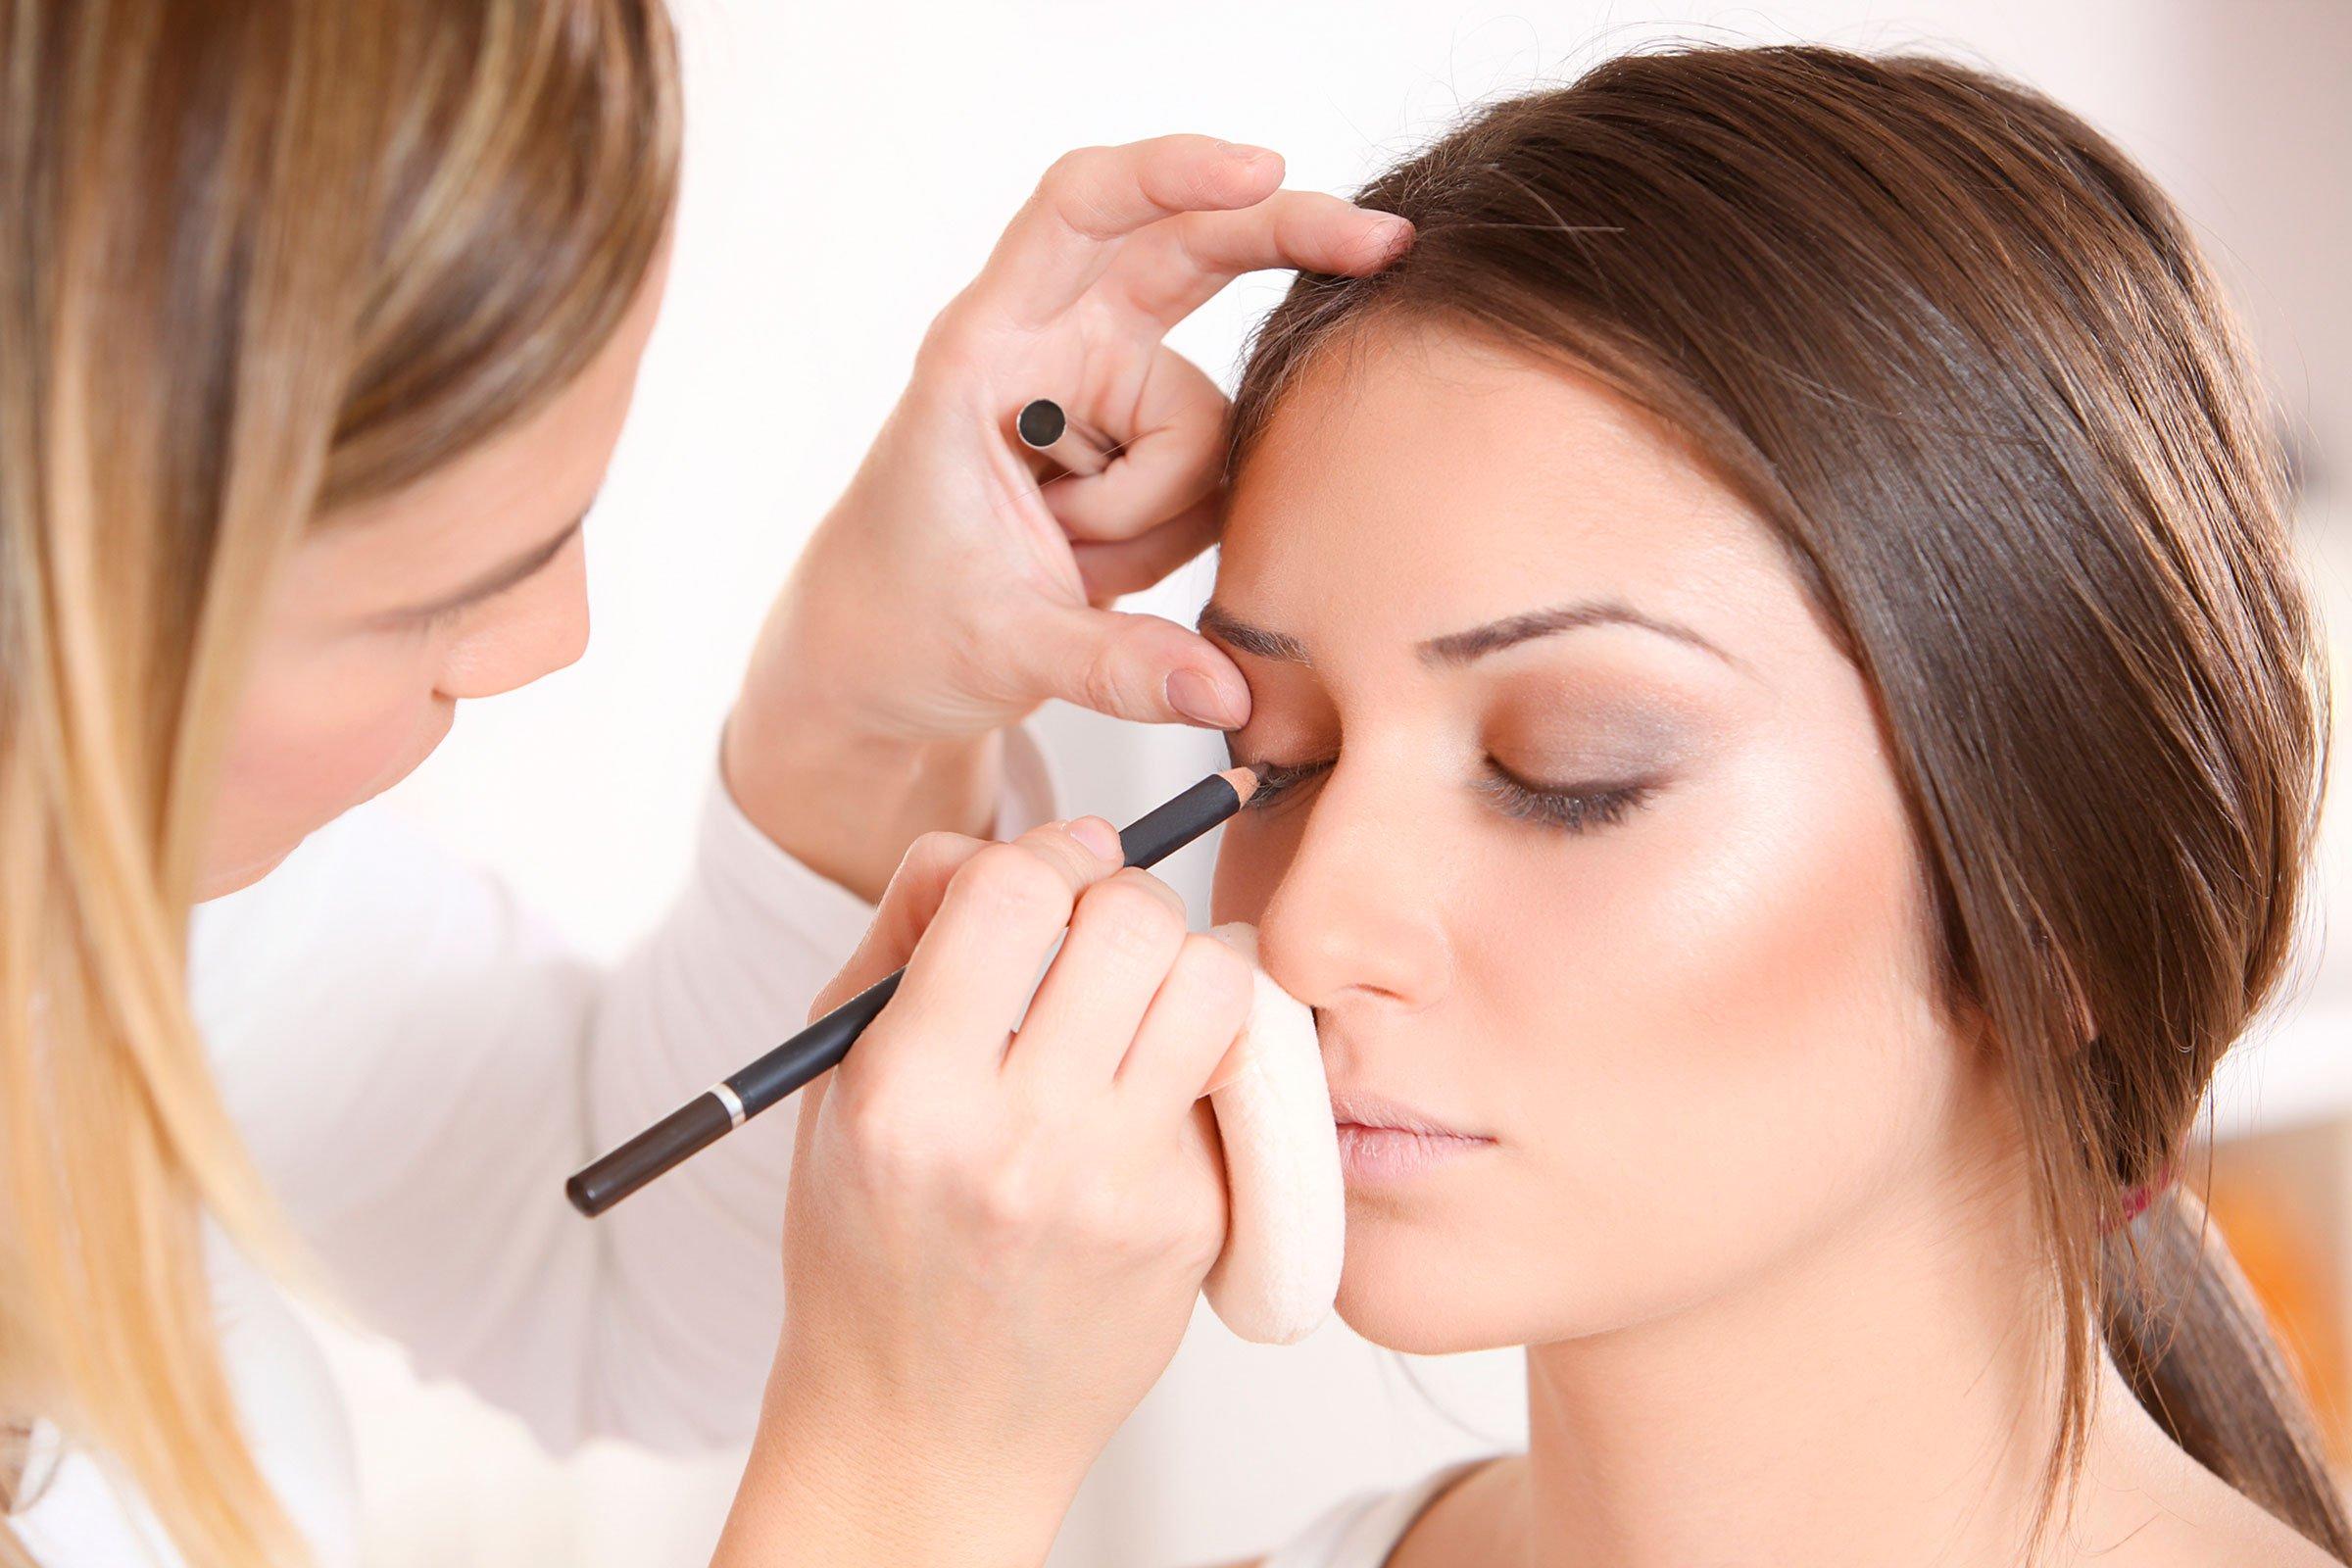 آموزش رشته آرایشگری زنانه ، درآمد آرایشگری زنانه ، آرایشگری زنانه آموزشگاه ، مرکز آموزش آرایشگری